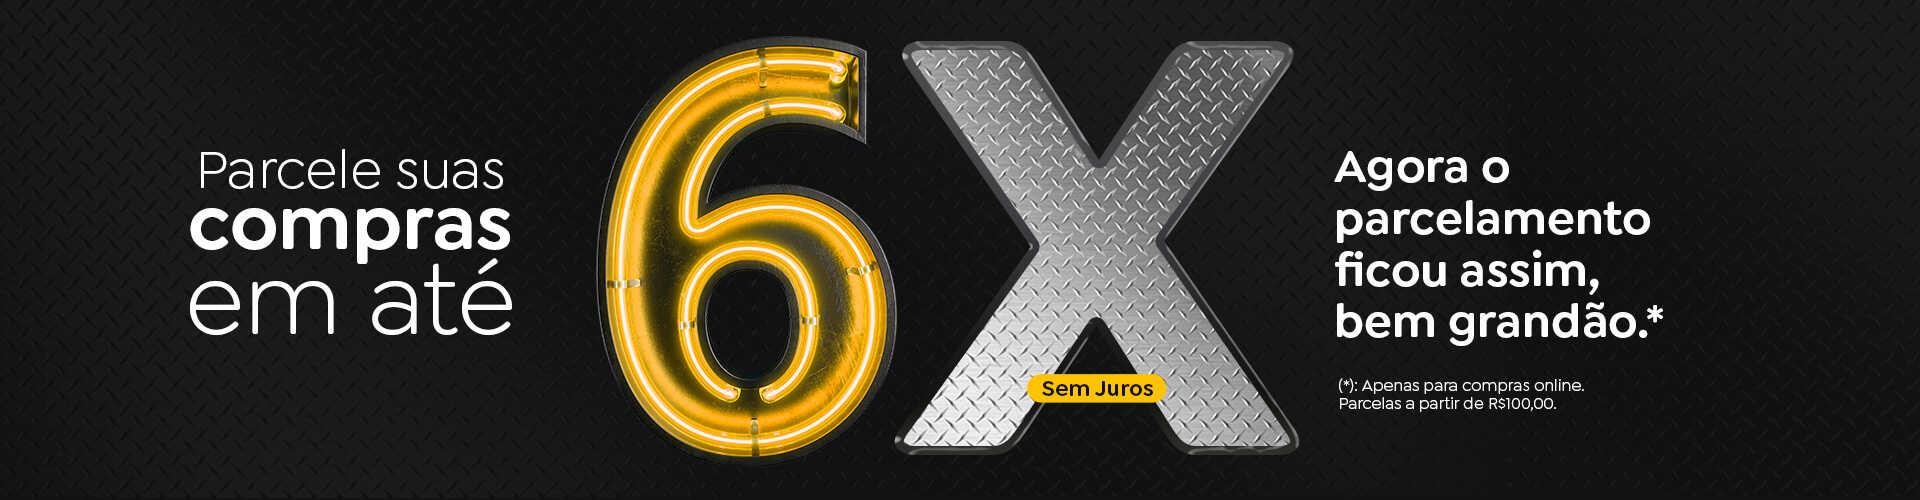 Banner 1 (6x)